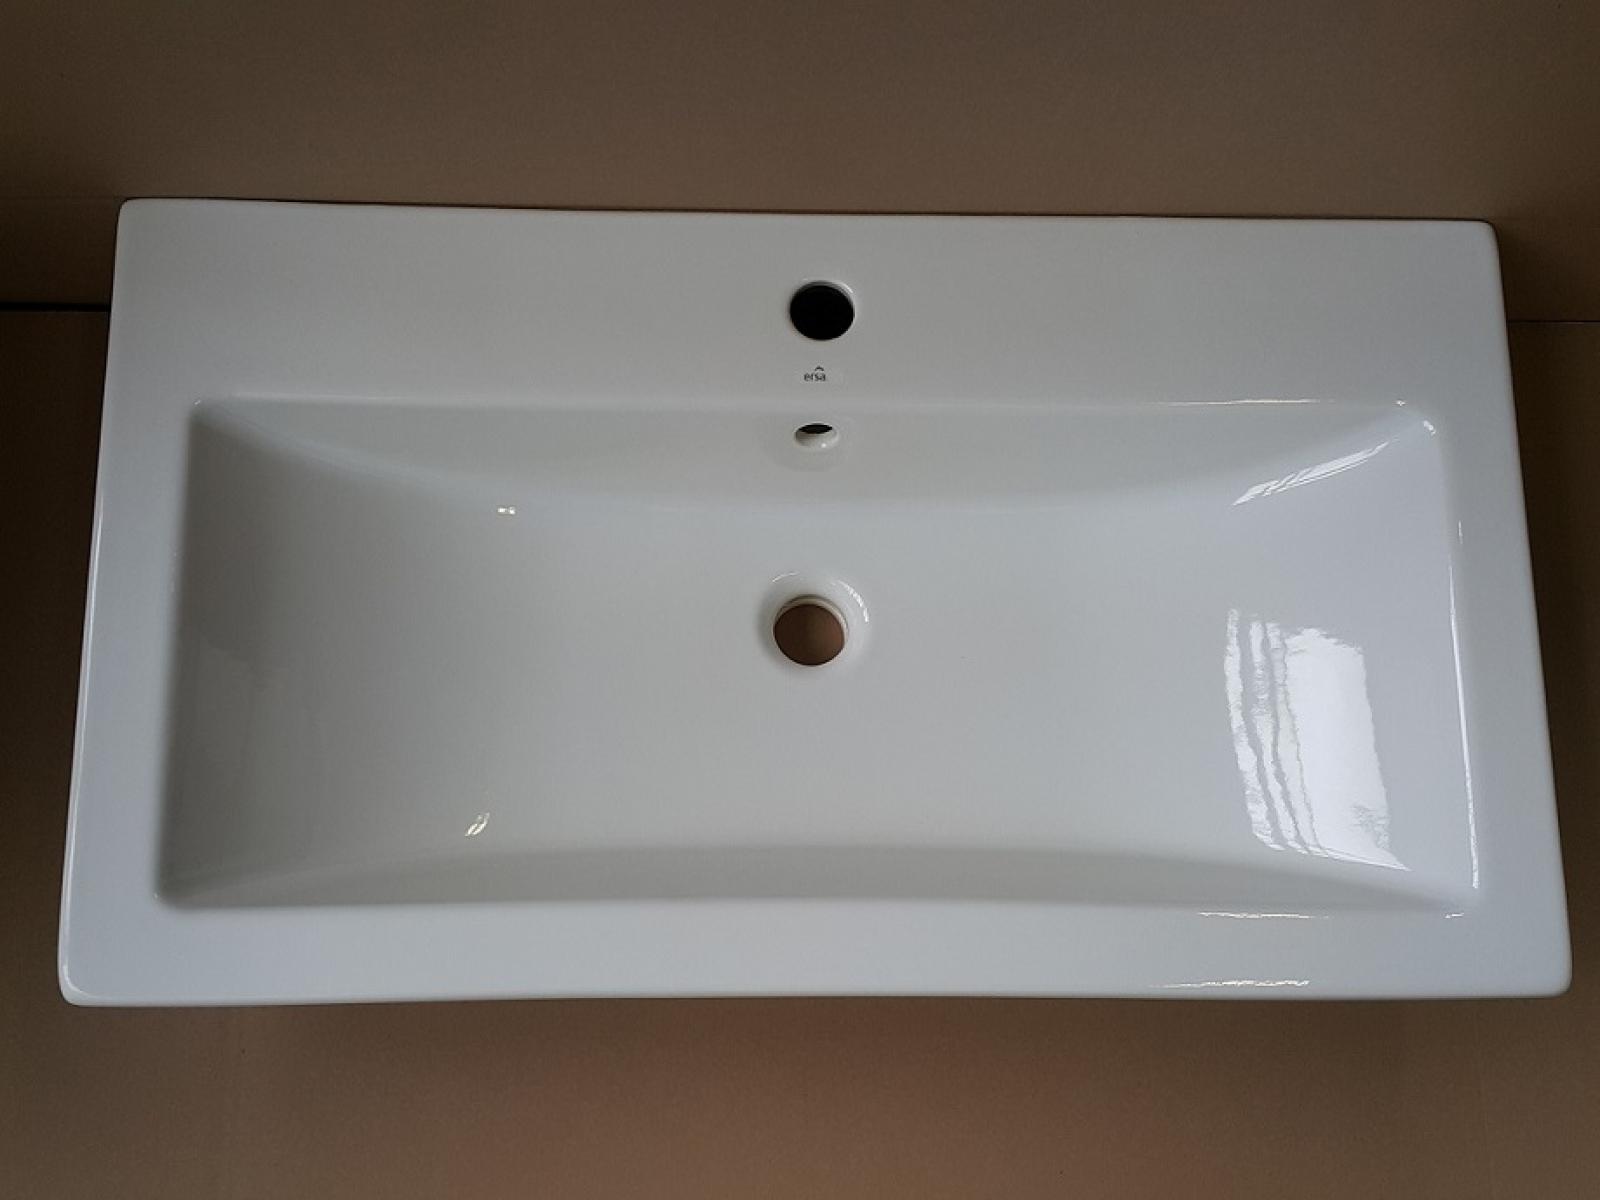 Badmöbel Set Werner XXL 1 Rot Hochglanz/ Schwarz KERAMIK Waschbecken  Badezimmer Led Beleuchtung Badezimmermöbel Keramikbecken Spiegelschrank